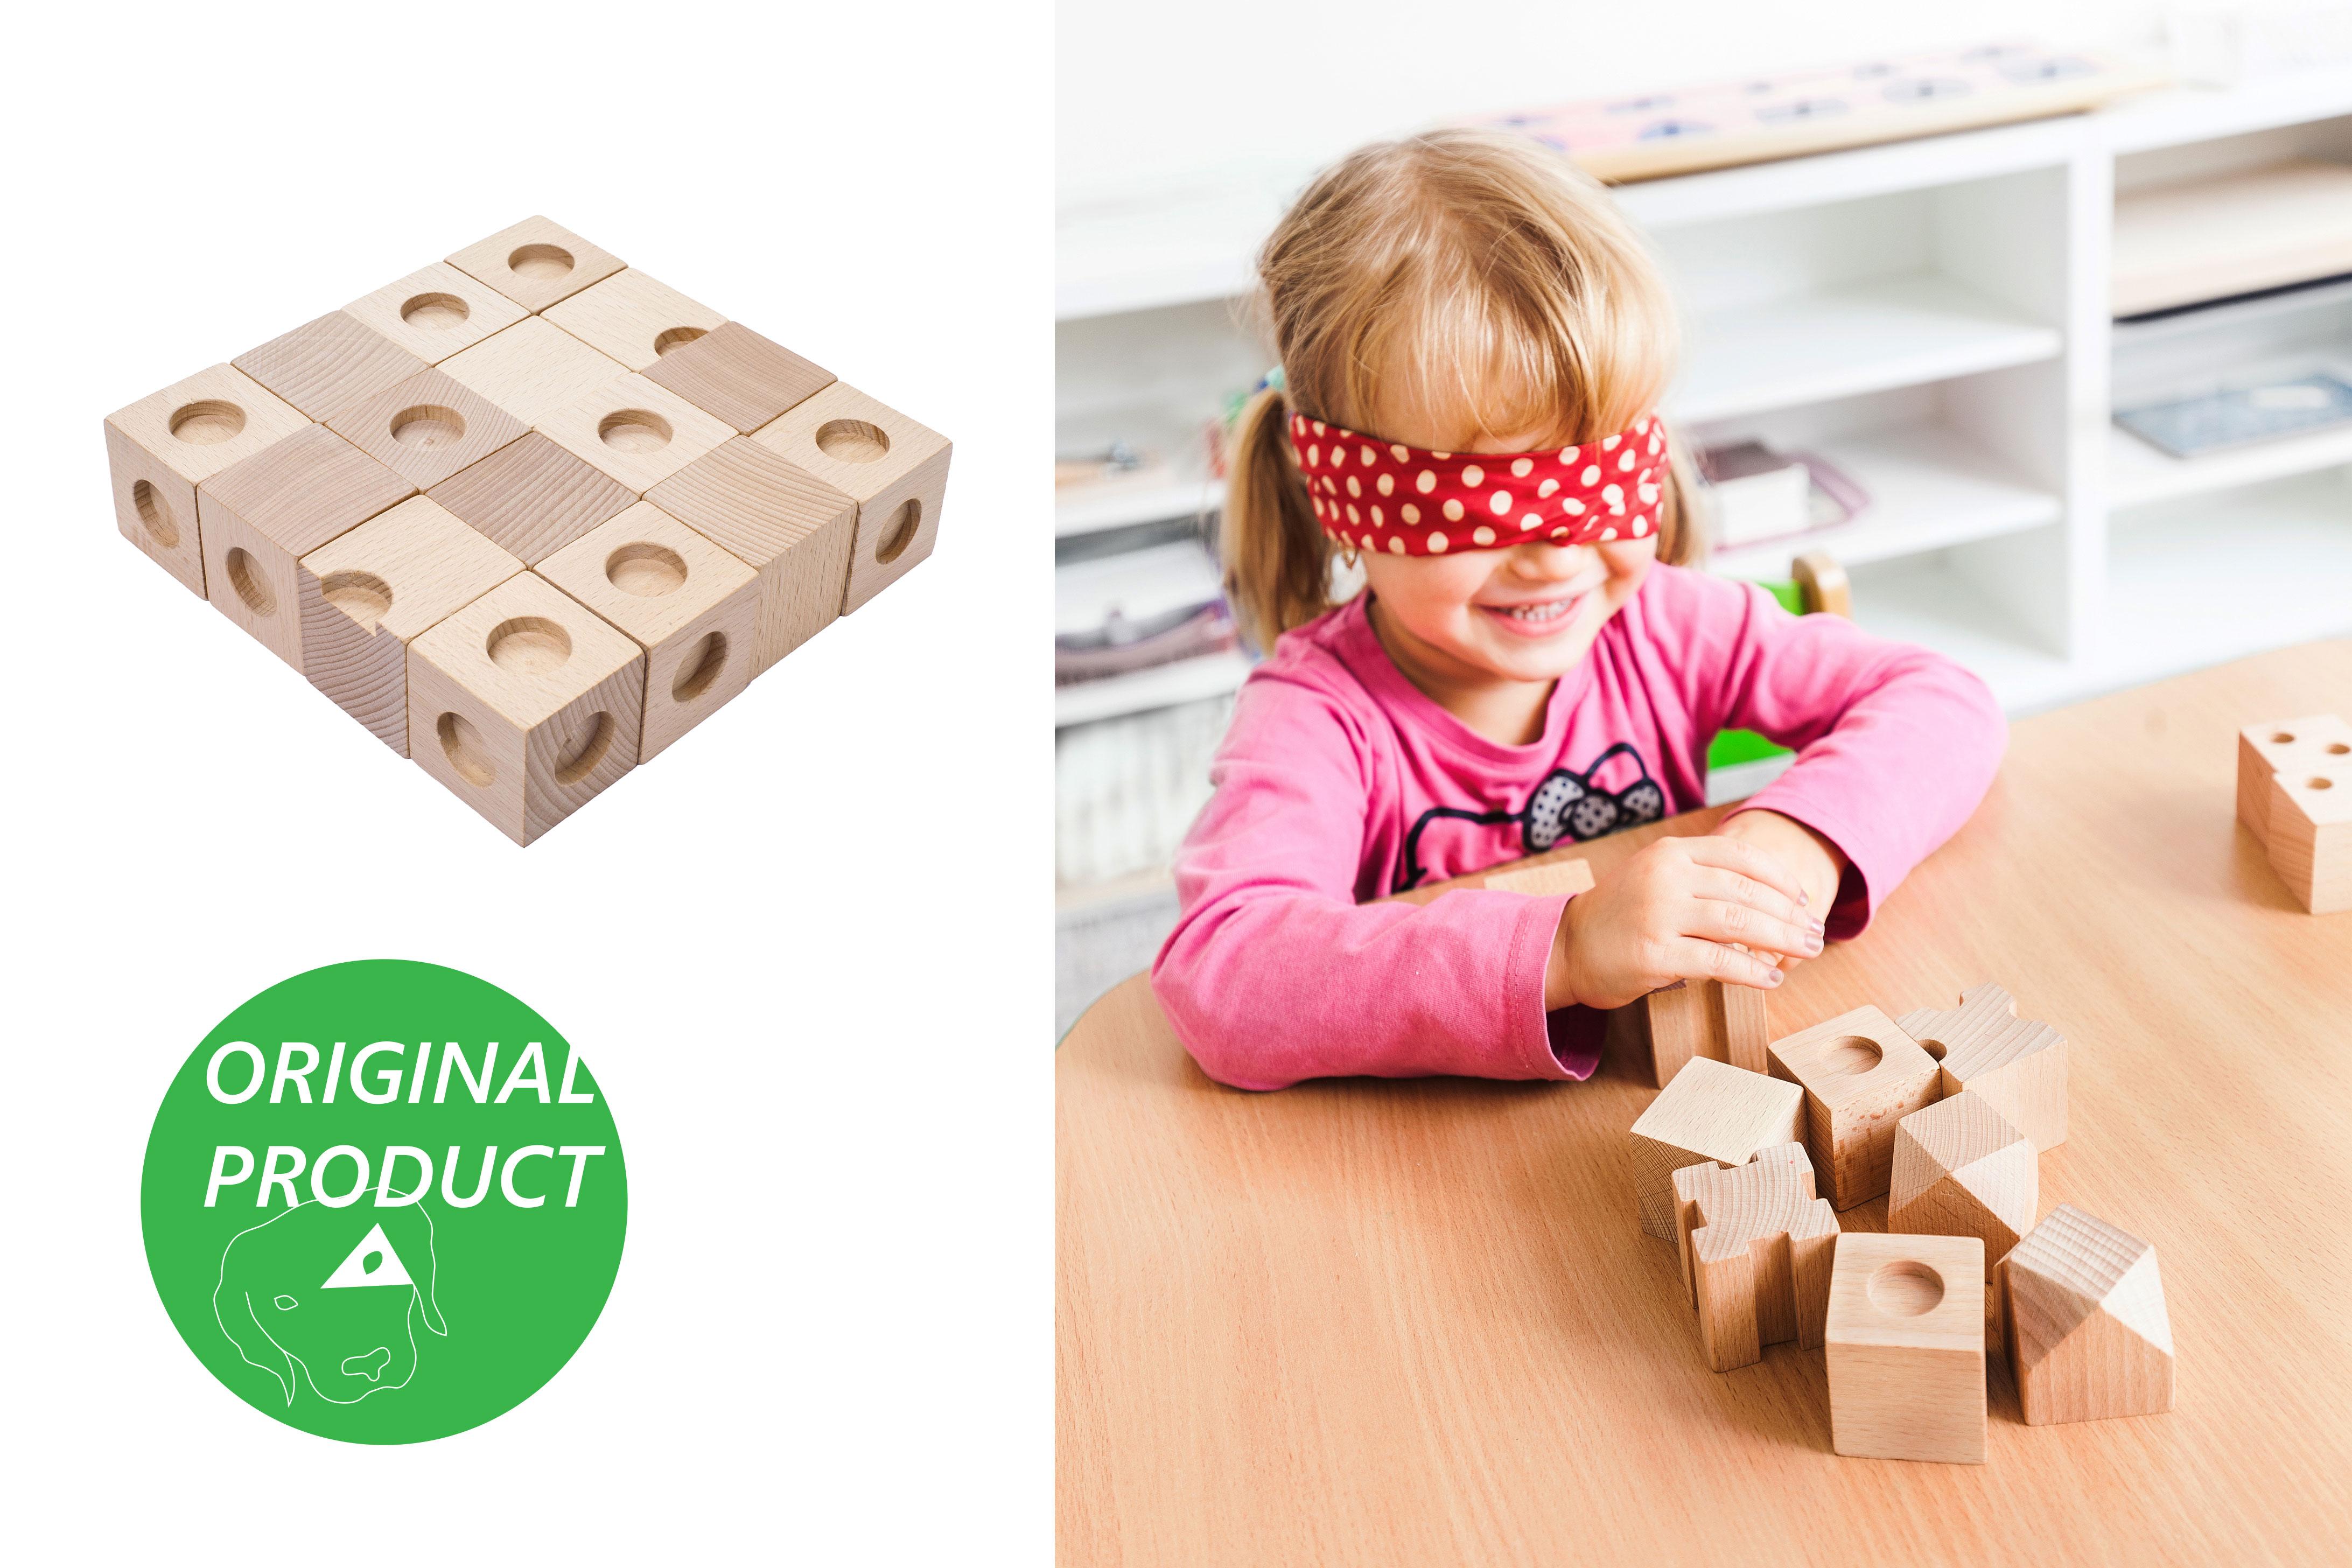 DĚTSKÉ POMŮCKY Dřevěné hmatové kostky 1. stupeň obtížnosti